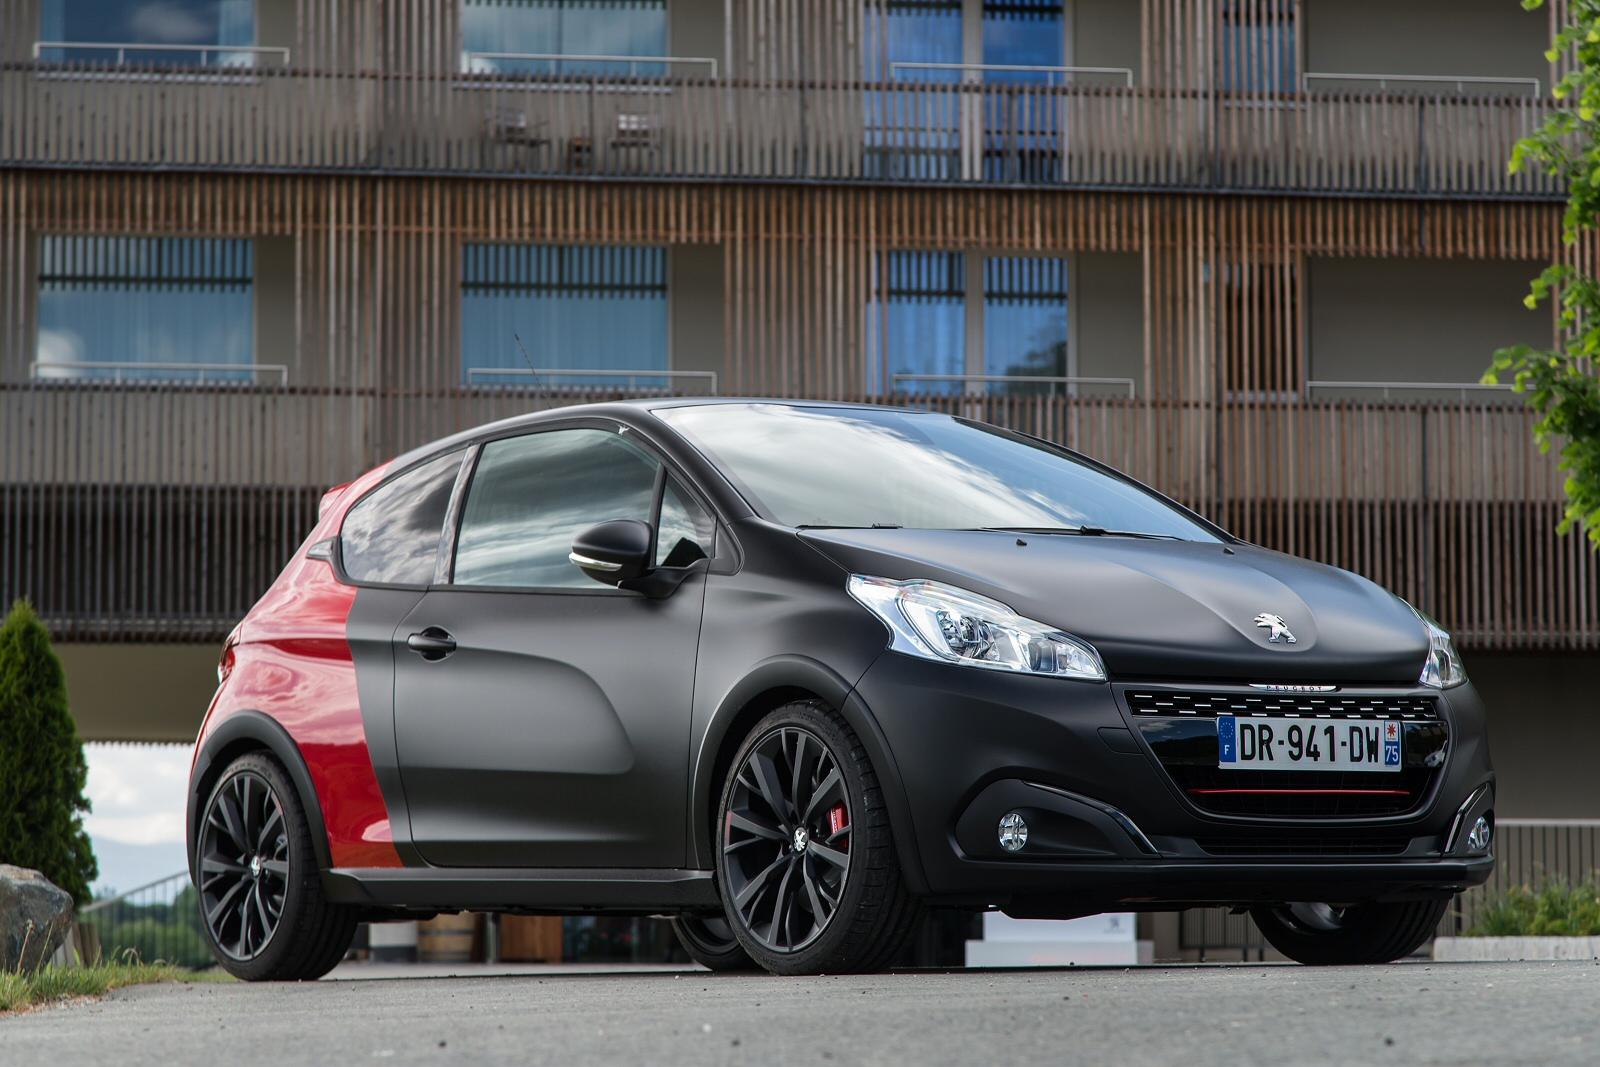 new peugeot 208 1.6 thp gtipeugeot sport 3dr petrol hatchback